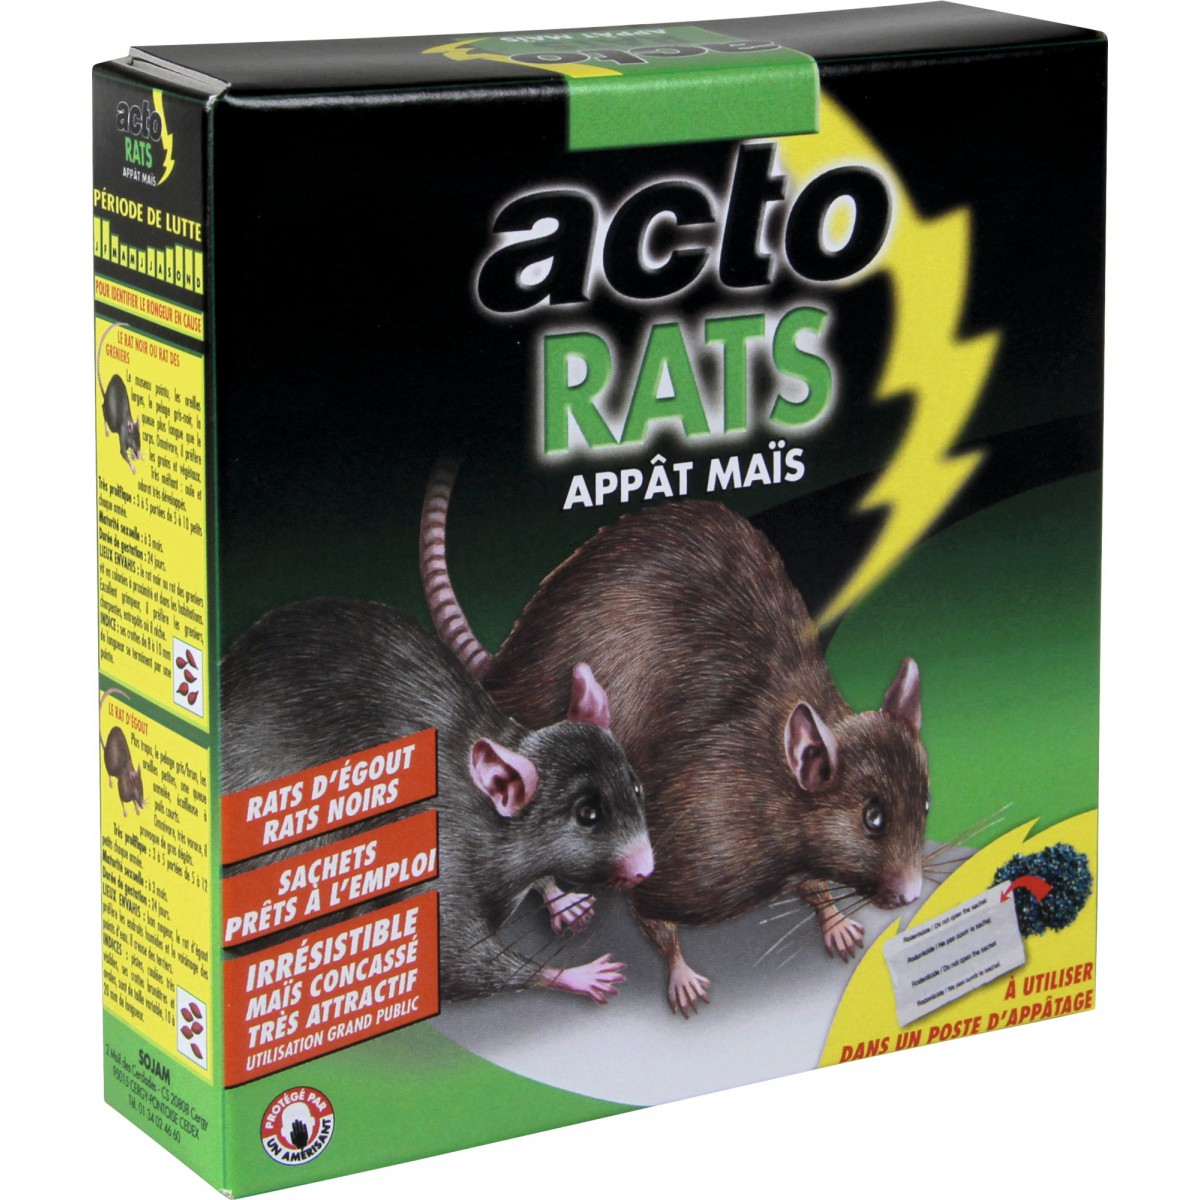 Homme Chat Rat Salle De Bain ~ rat app t ma s acto 7 sachets de 20 g de raticide 1848797 mon